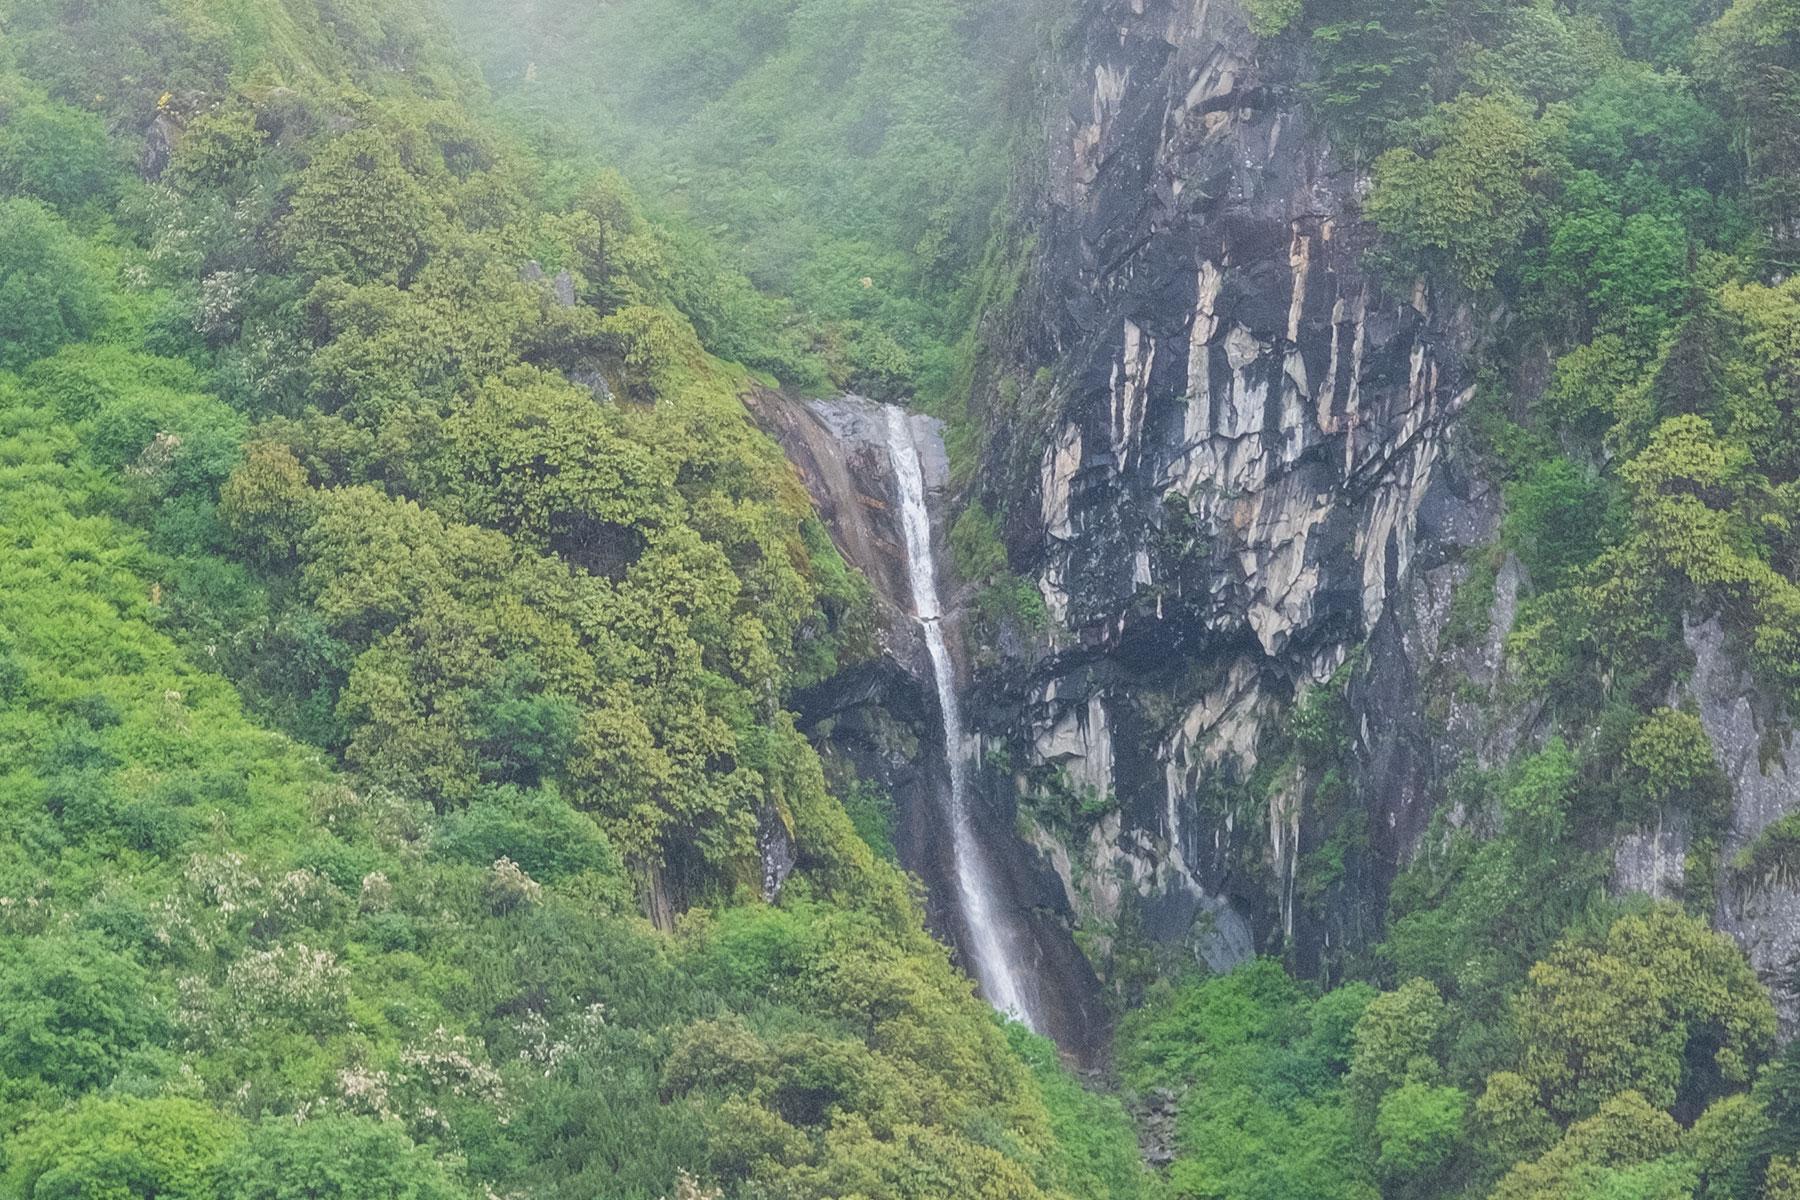 Wasserfall im Vogel im Hailuogou Gletscher Park in Sichuan